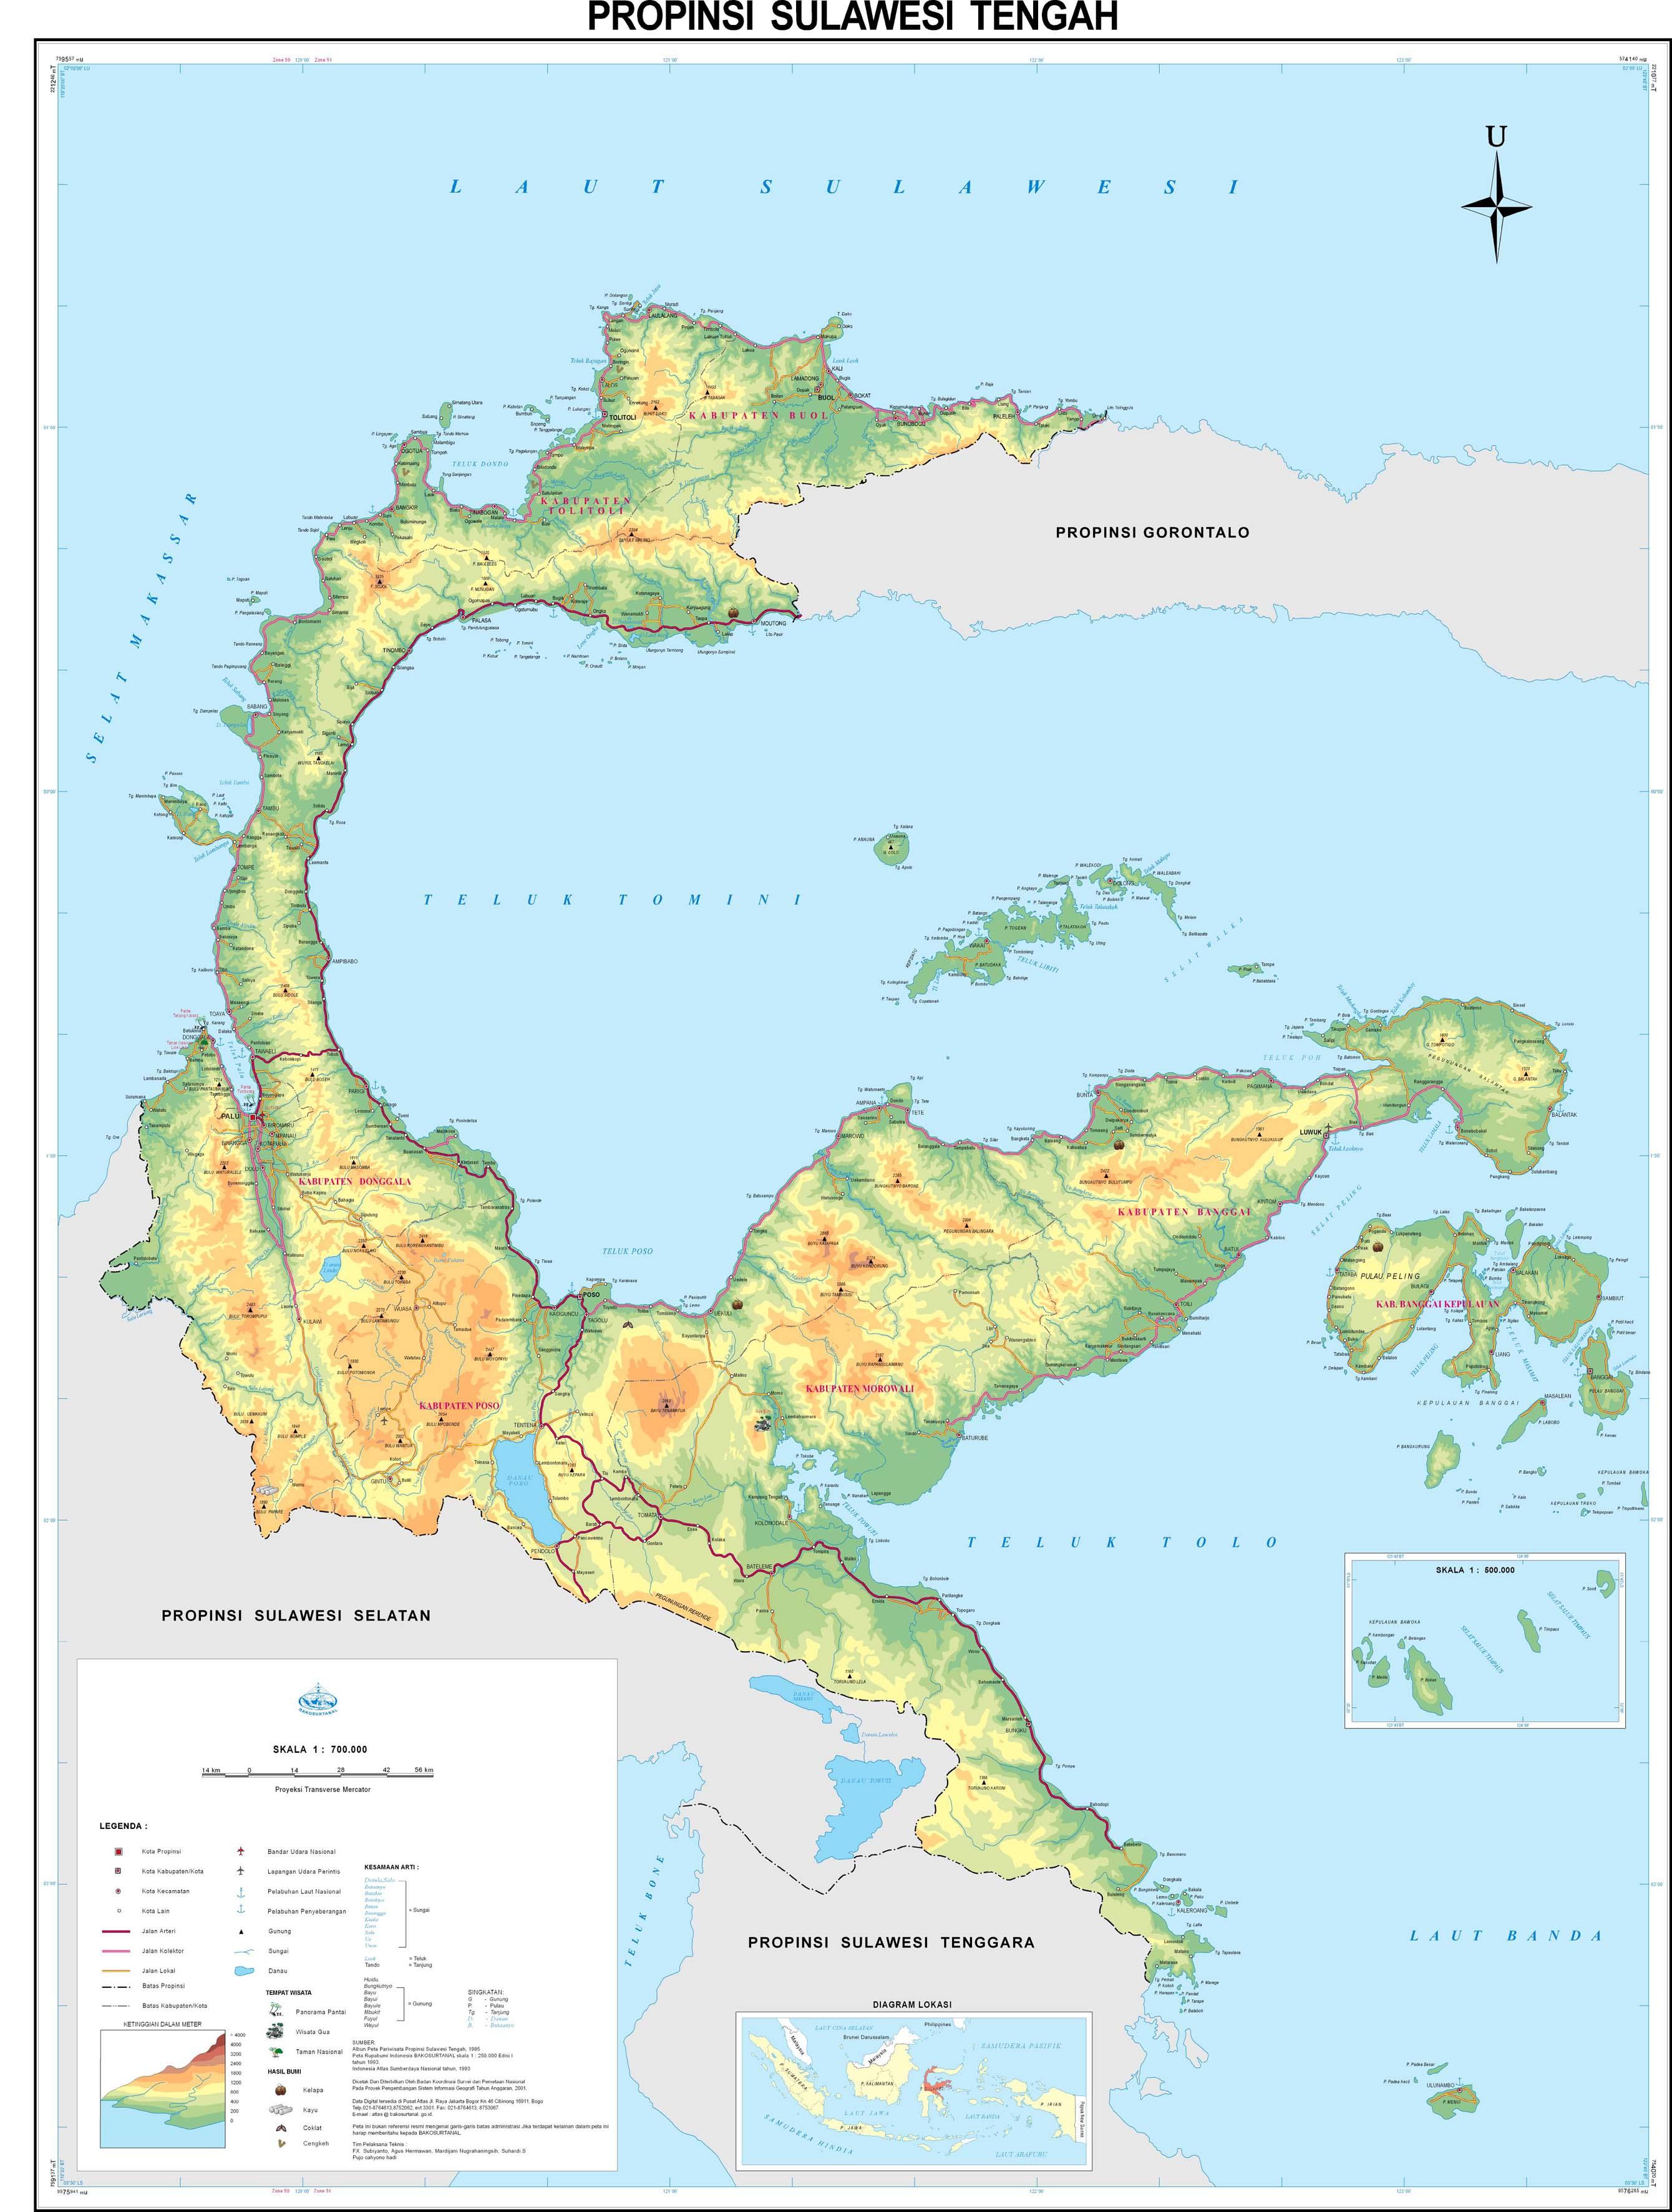 peta kota peta provinsi sulawesi tengah